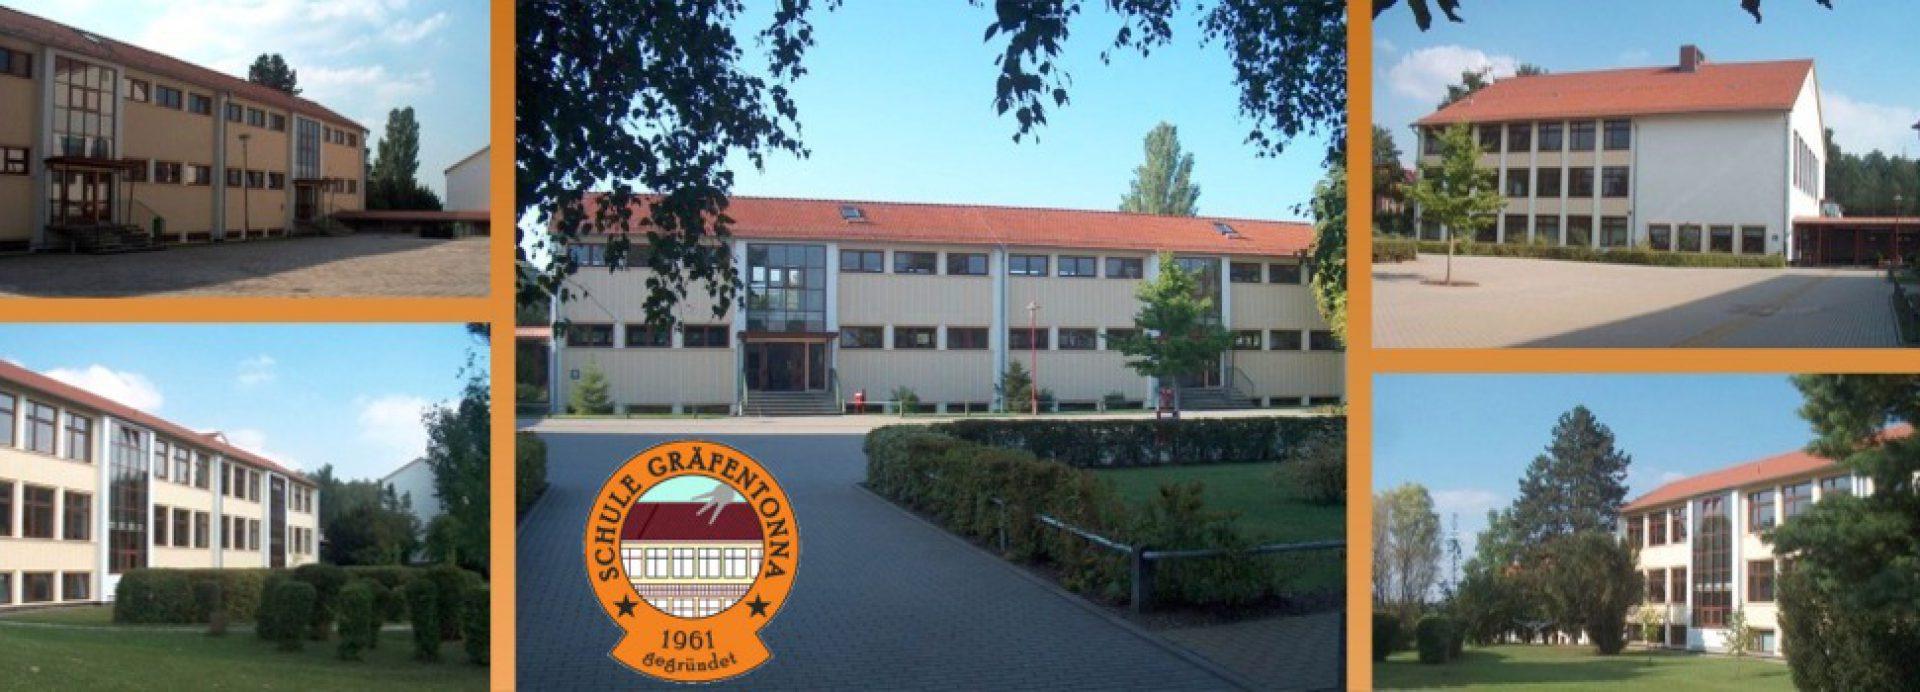 Staatliche Gemeinschaftsschule Tonna